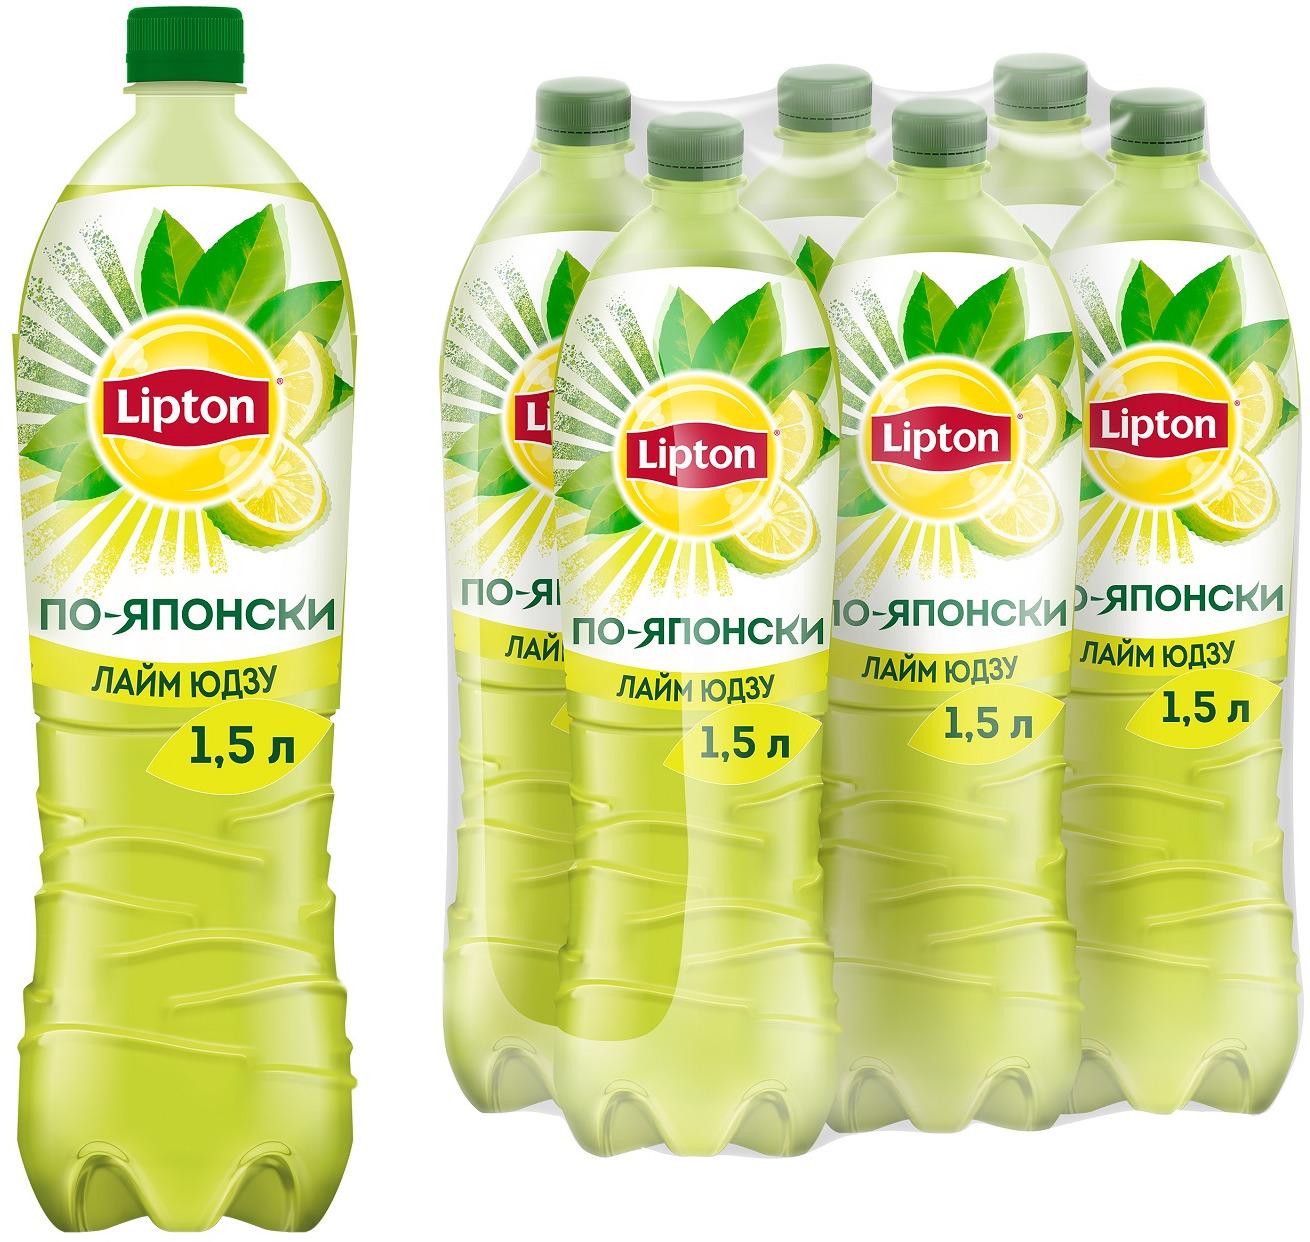 Зеленый холодный чай Lipton, со вкусом лайма Юдзу, 6 шт по 1,5 л